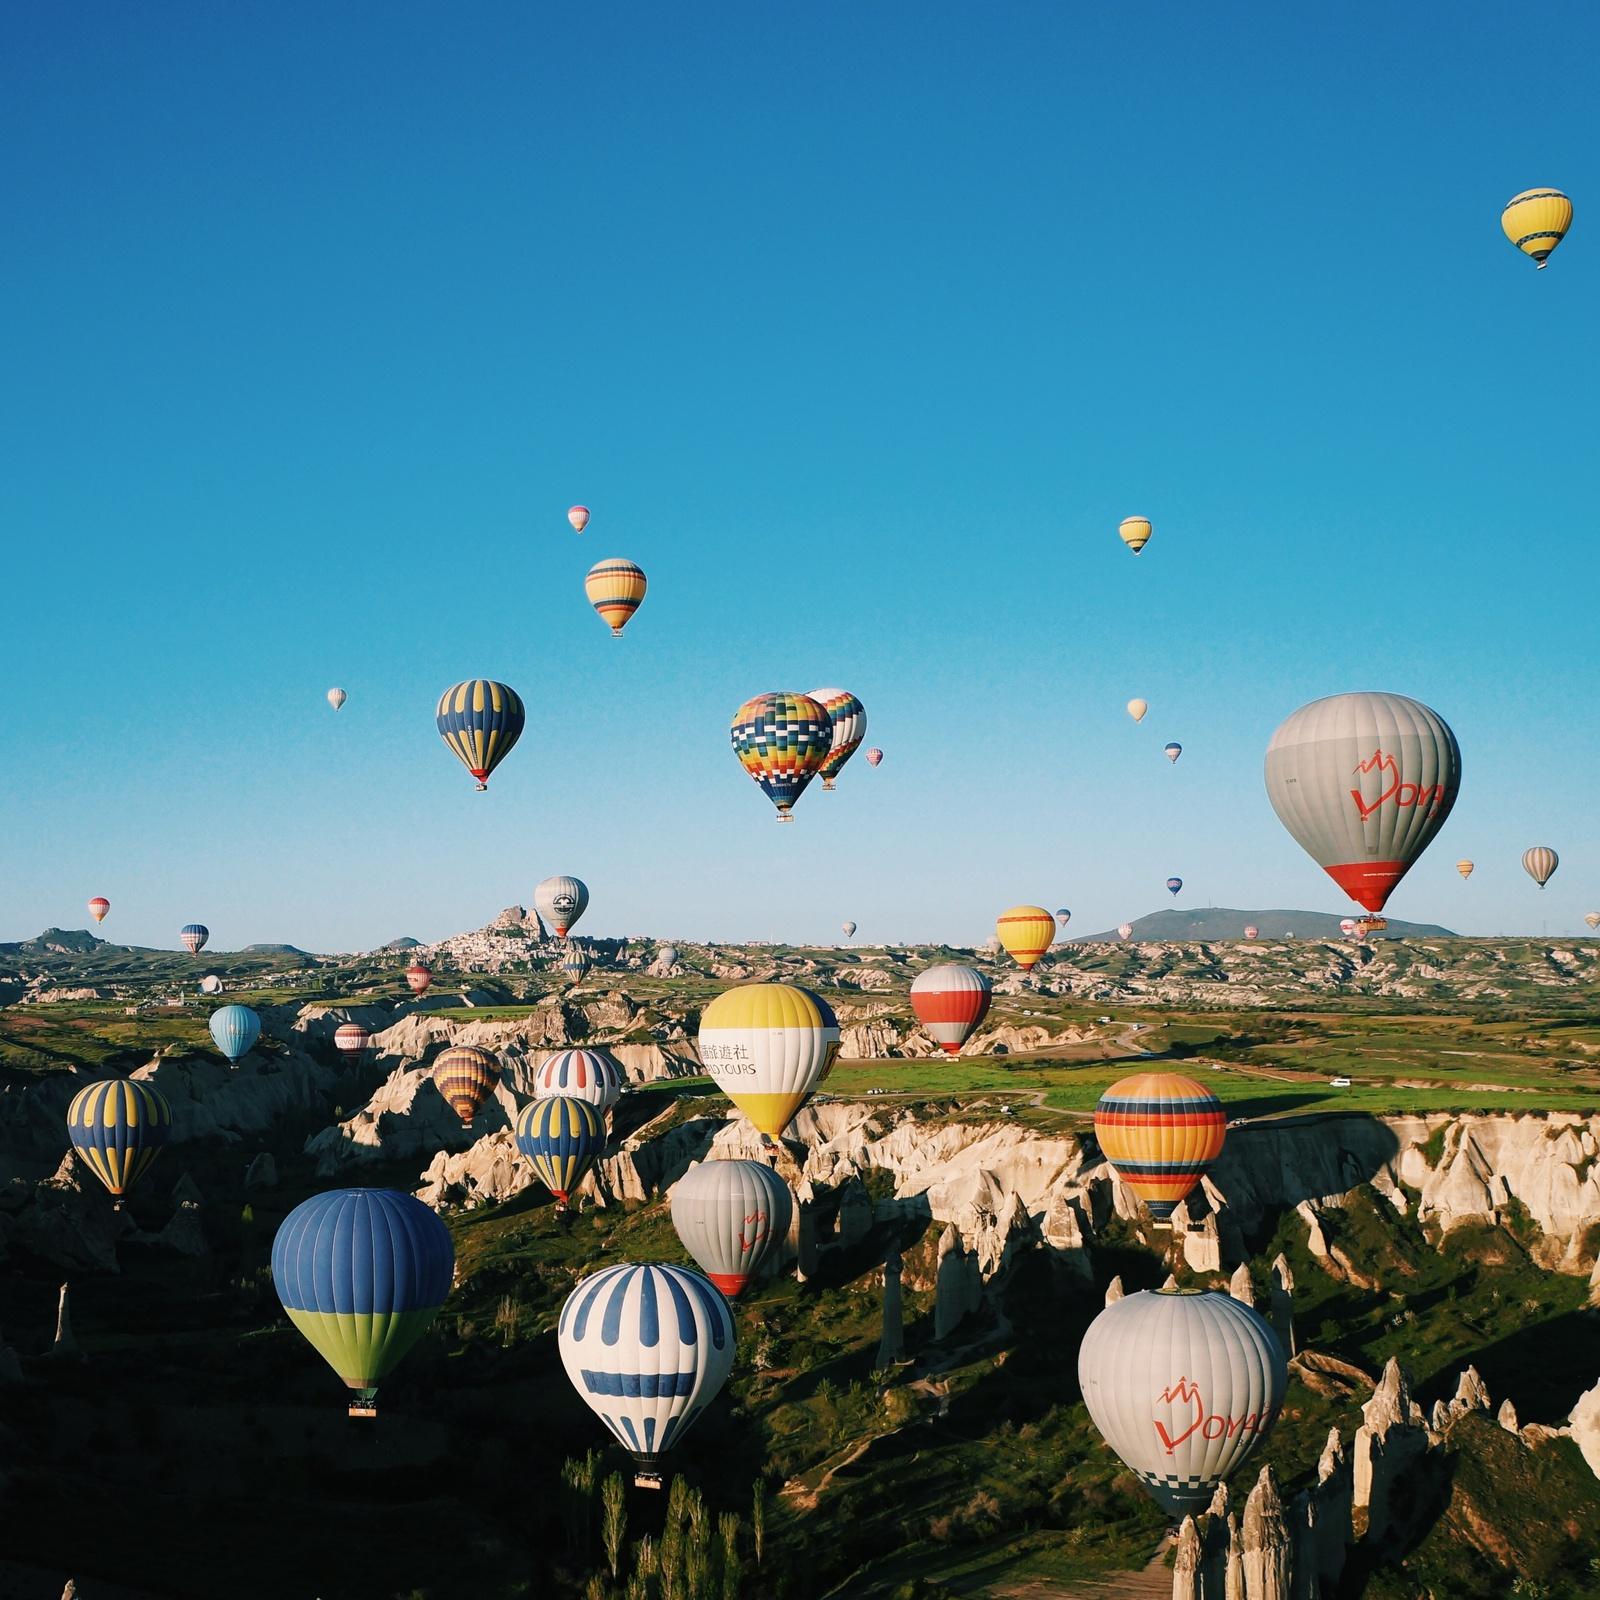 土耳其卡帕多西亚热气球美绝了